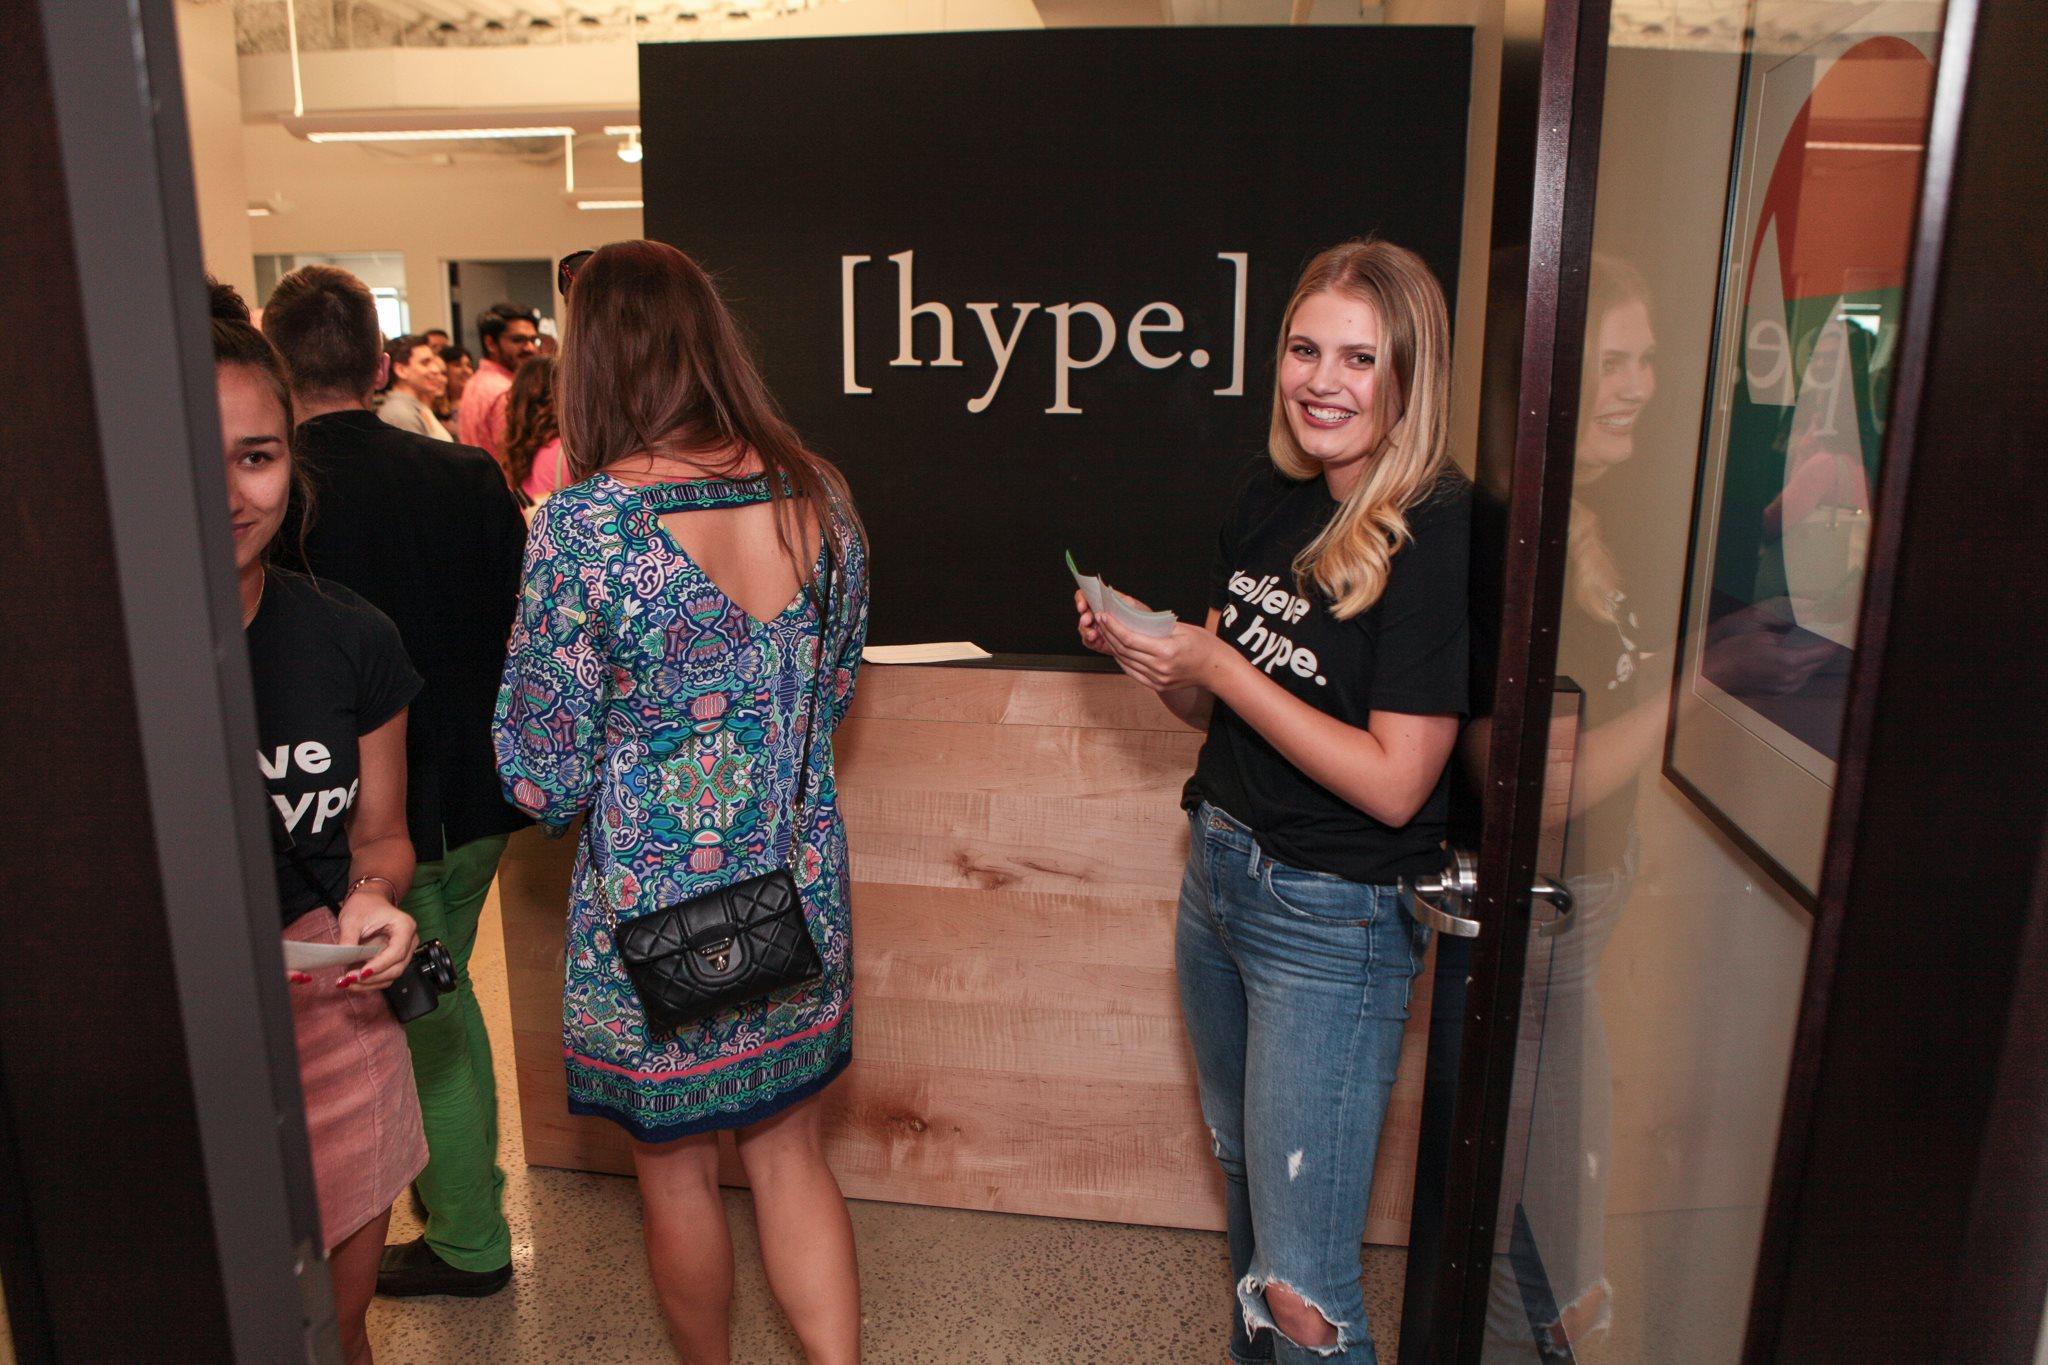 The Trendsetter - Hype Group